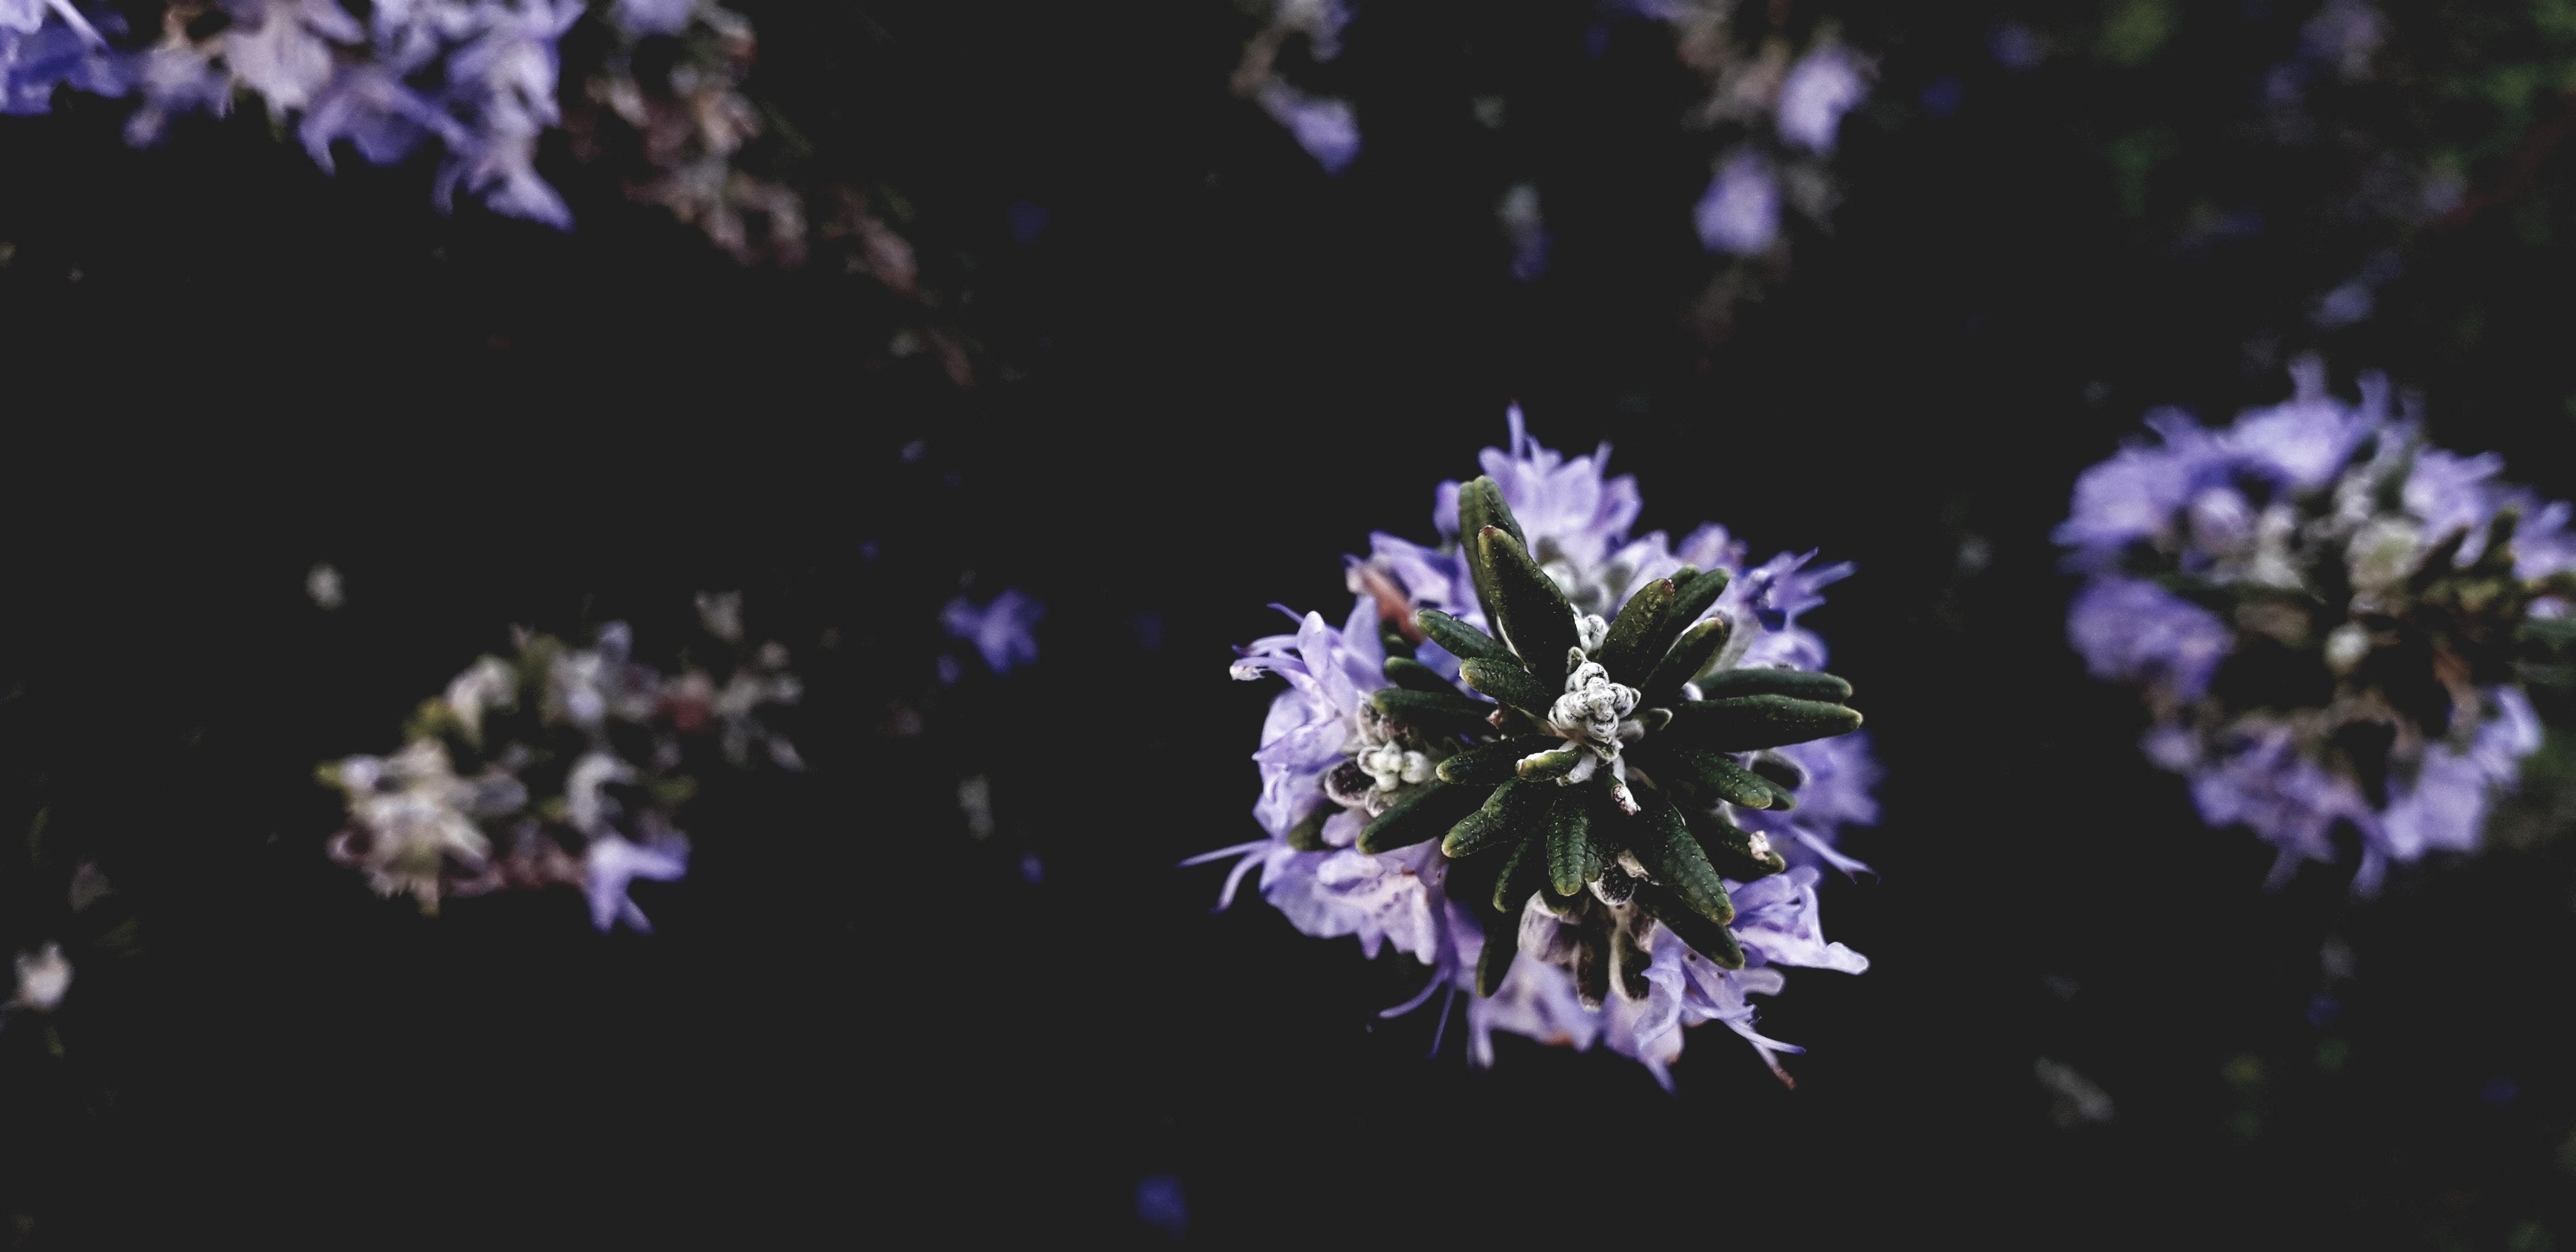 Foto Gratuita Di Bel Fiore Fiore Viola Sfondo Tumblr